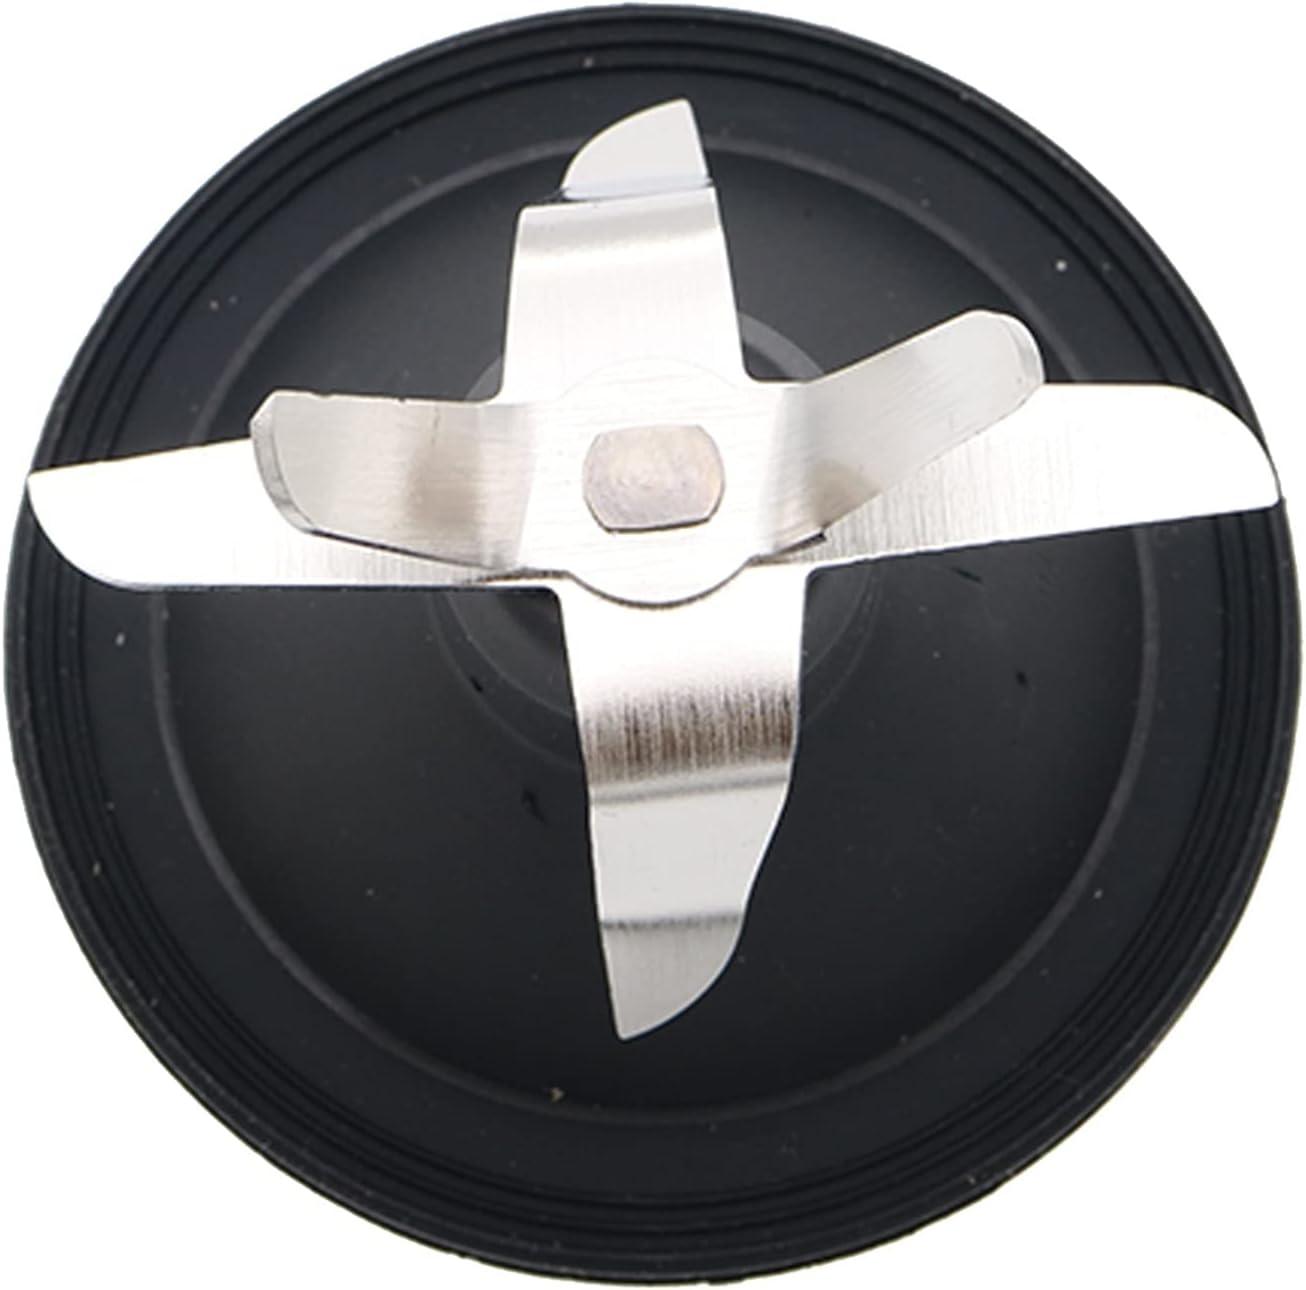 WUYUNXIAN Unidad de Cuchillo Aptos para Philips RI2095 RI2096 HR2093 HR2194 HR2195 HR2196 HR2095 HR2096 Ajuste para Las Piezas de licuadora de exprimidor